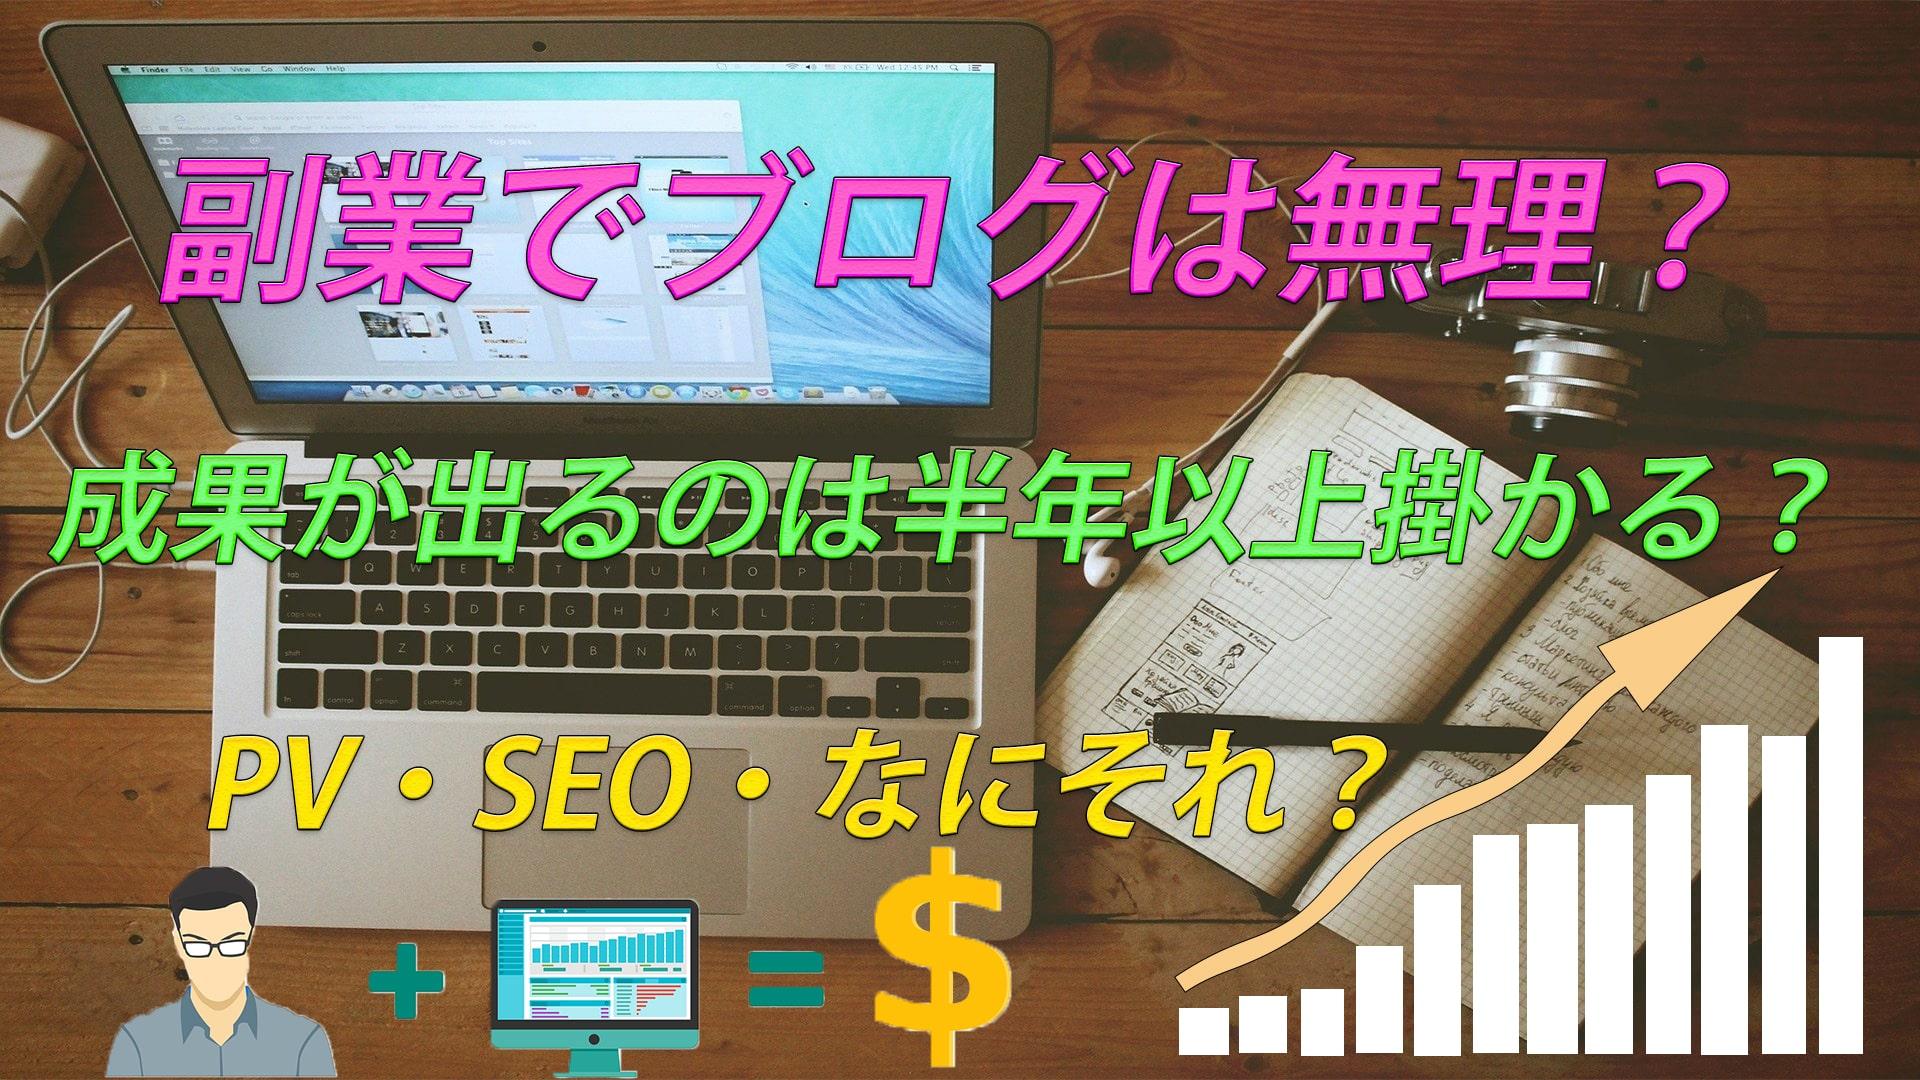 副業でブログは成功できる?波に乗るまでは無収入を覚悟。。